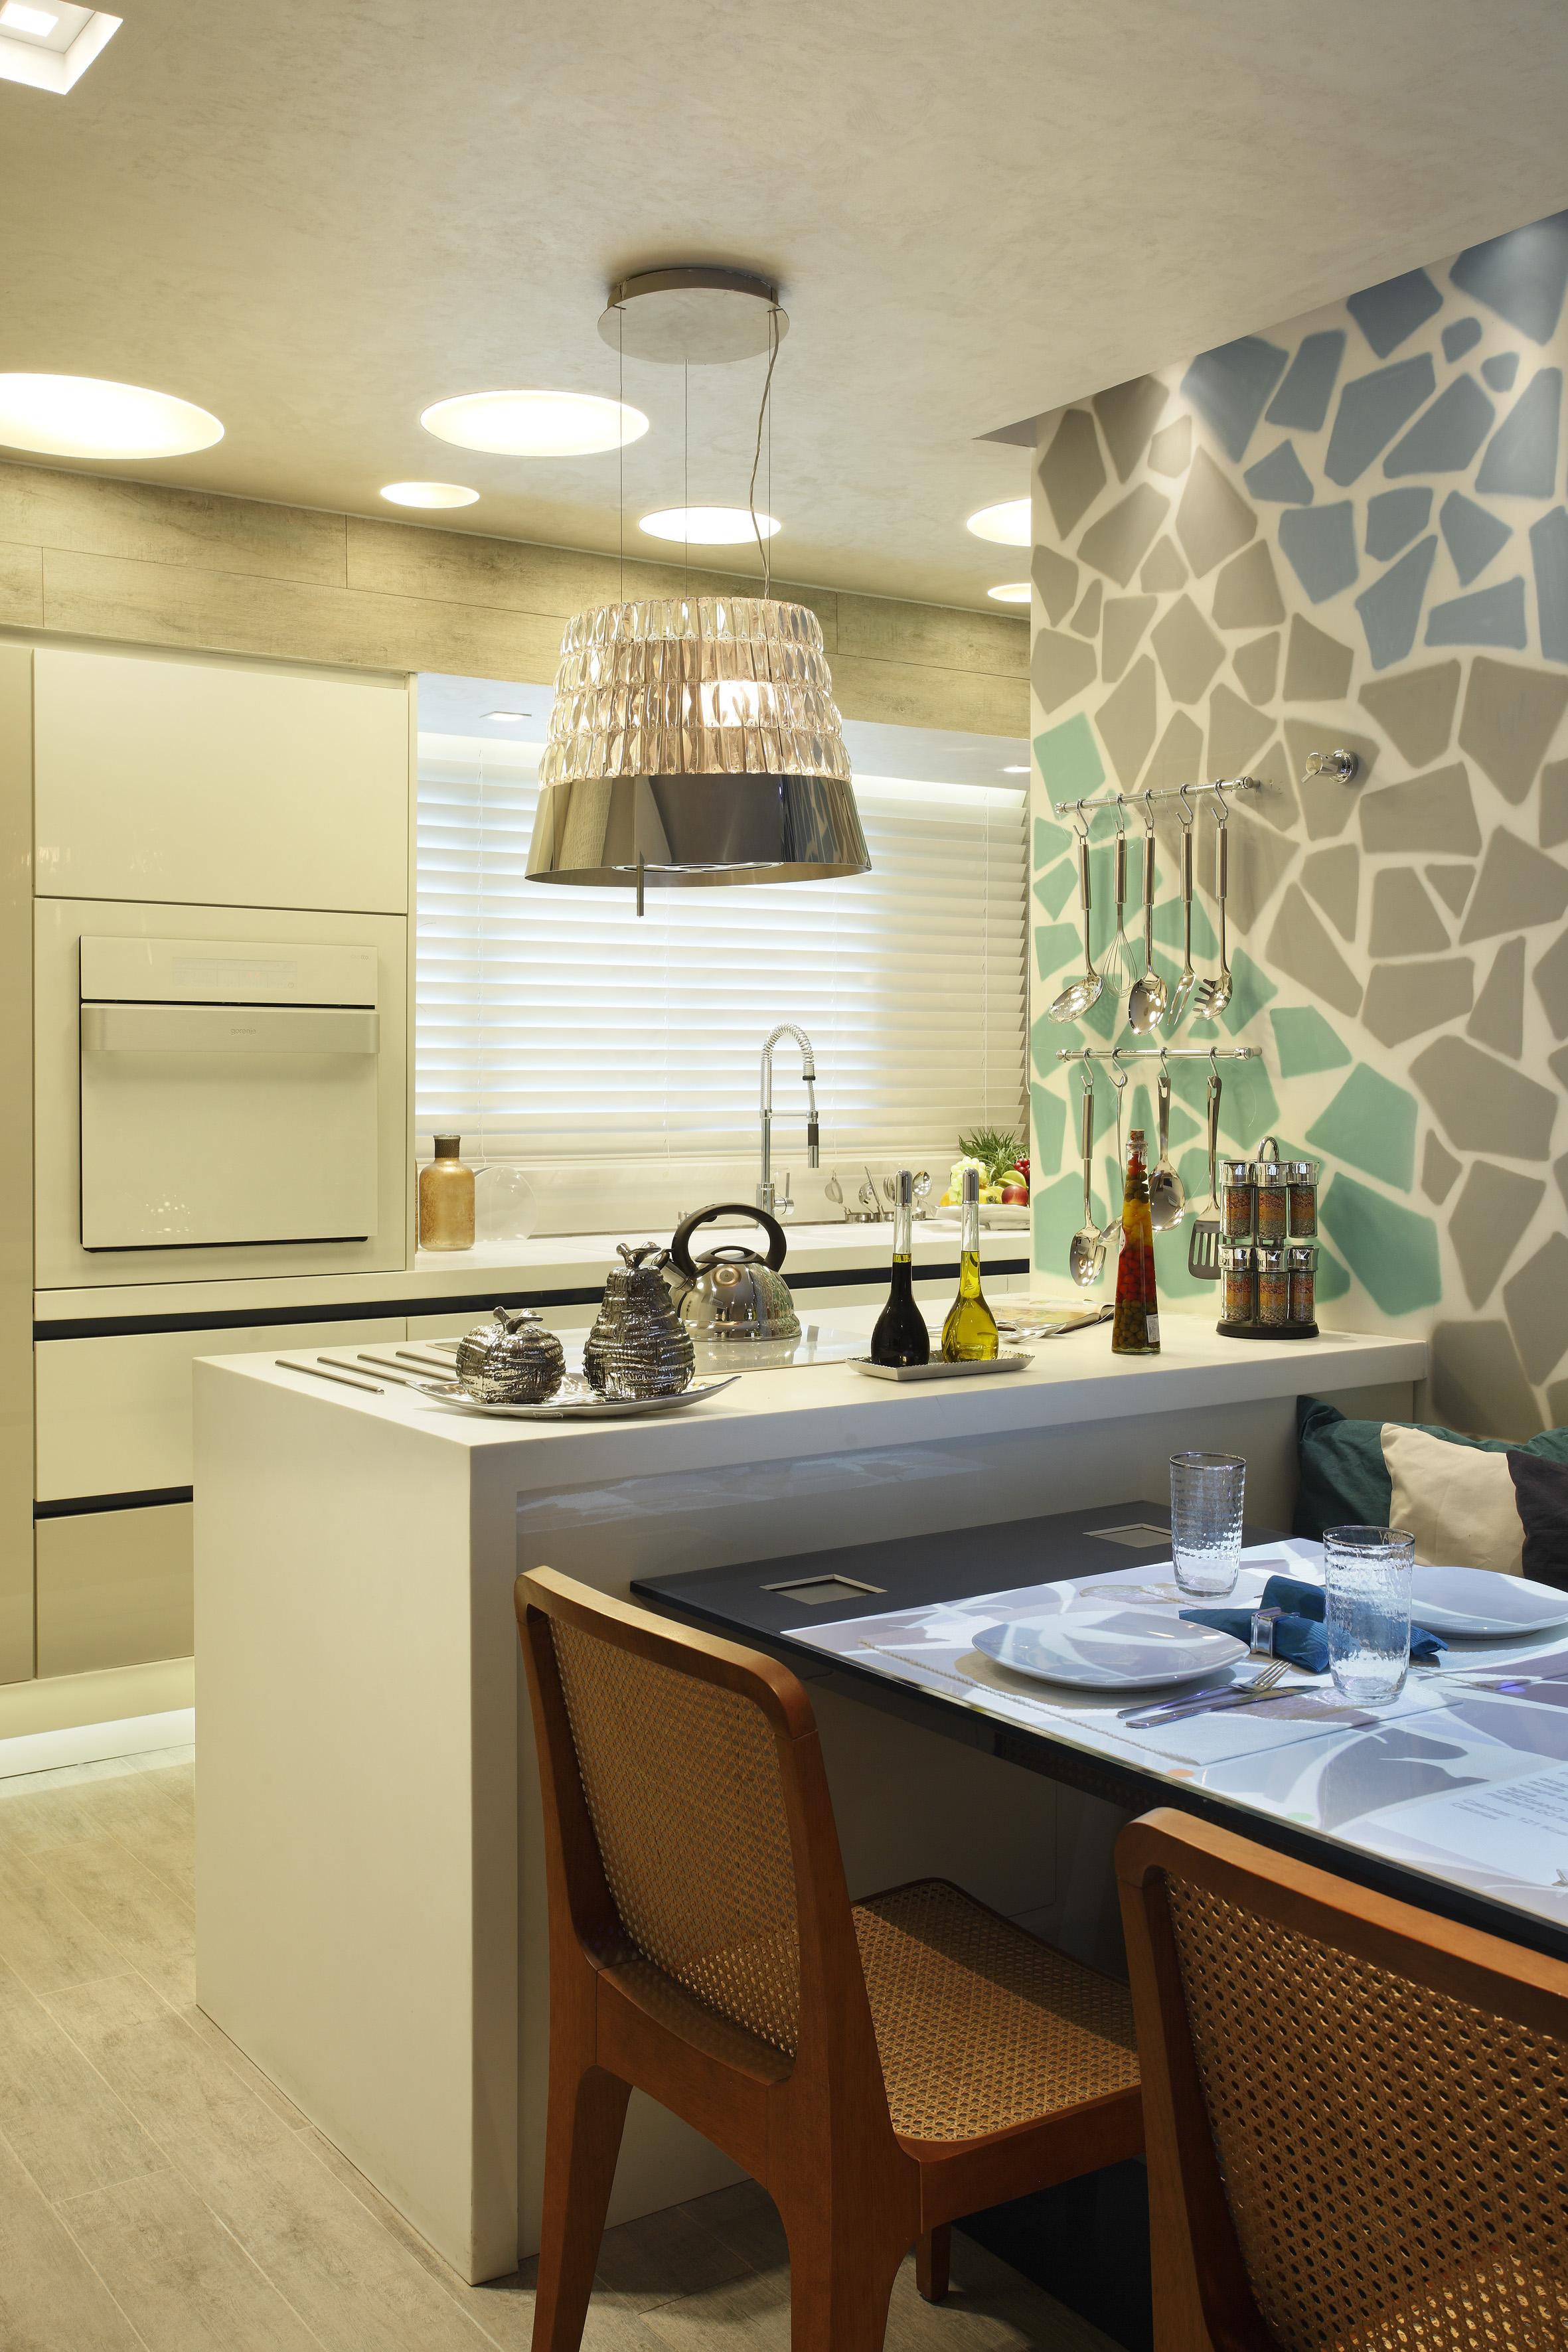 Projeto de decoração de cozinha Casa Cor 2013 #604120 2362 3543